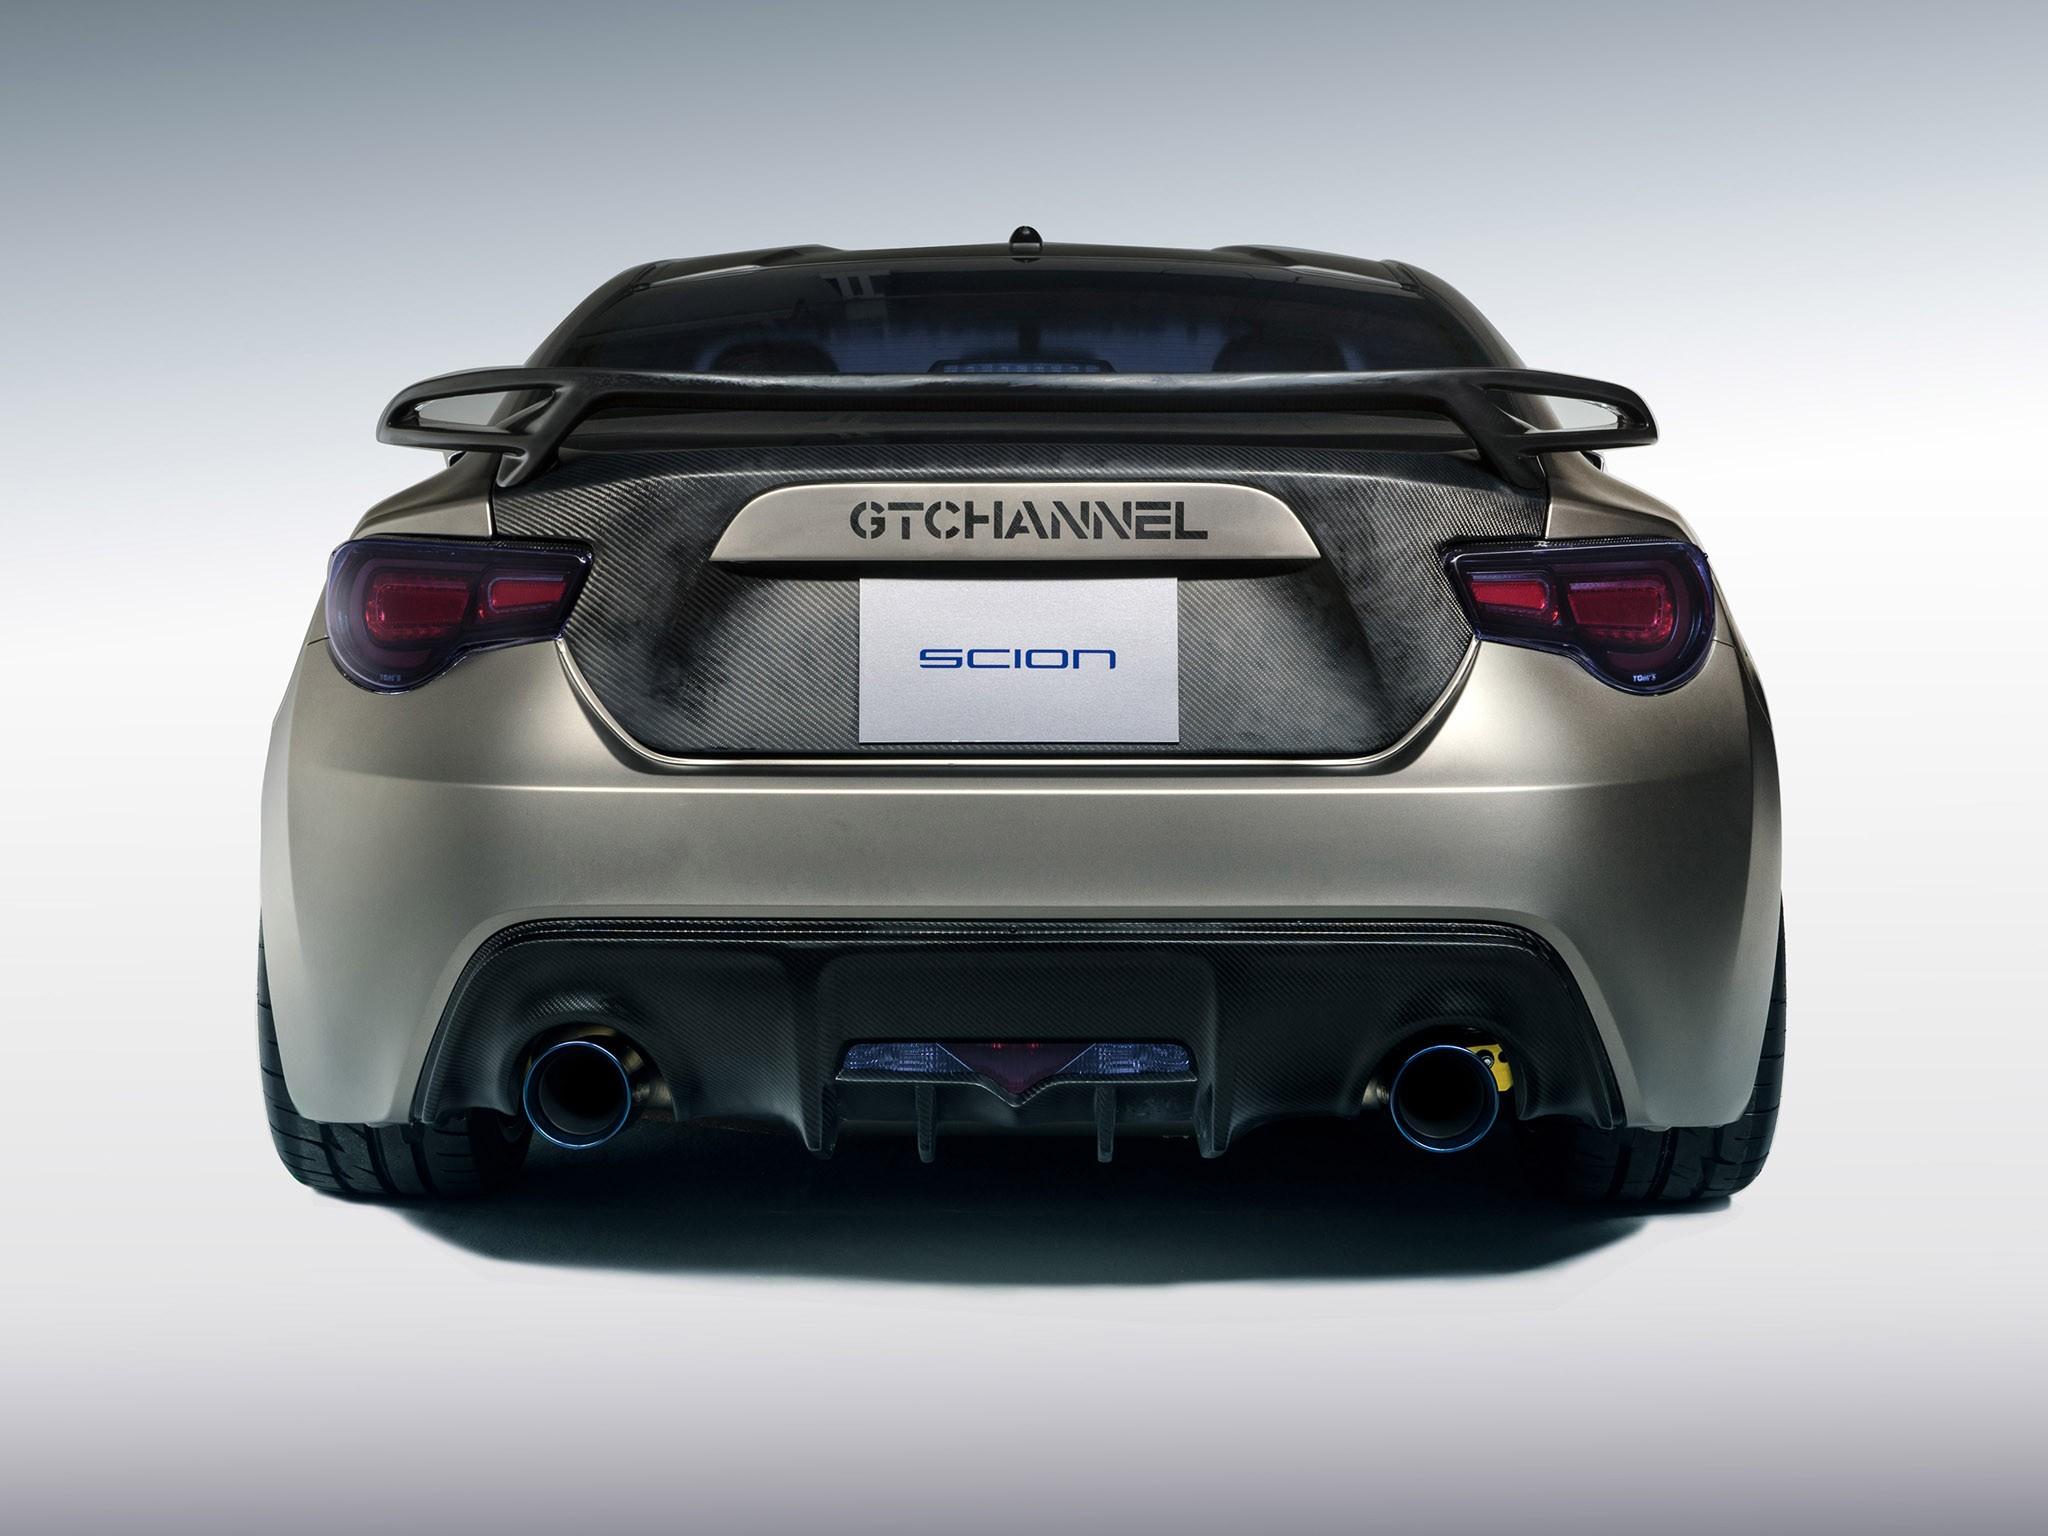 2014 Scion FR-S GT Channel Mine S Concept